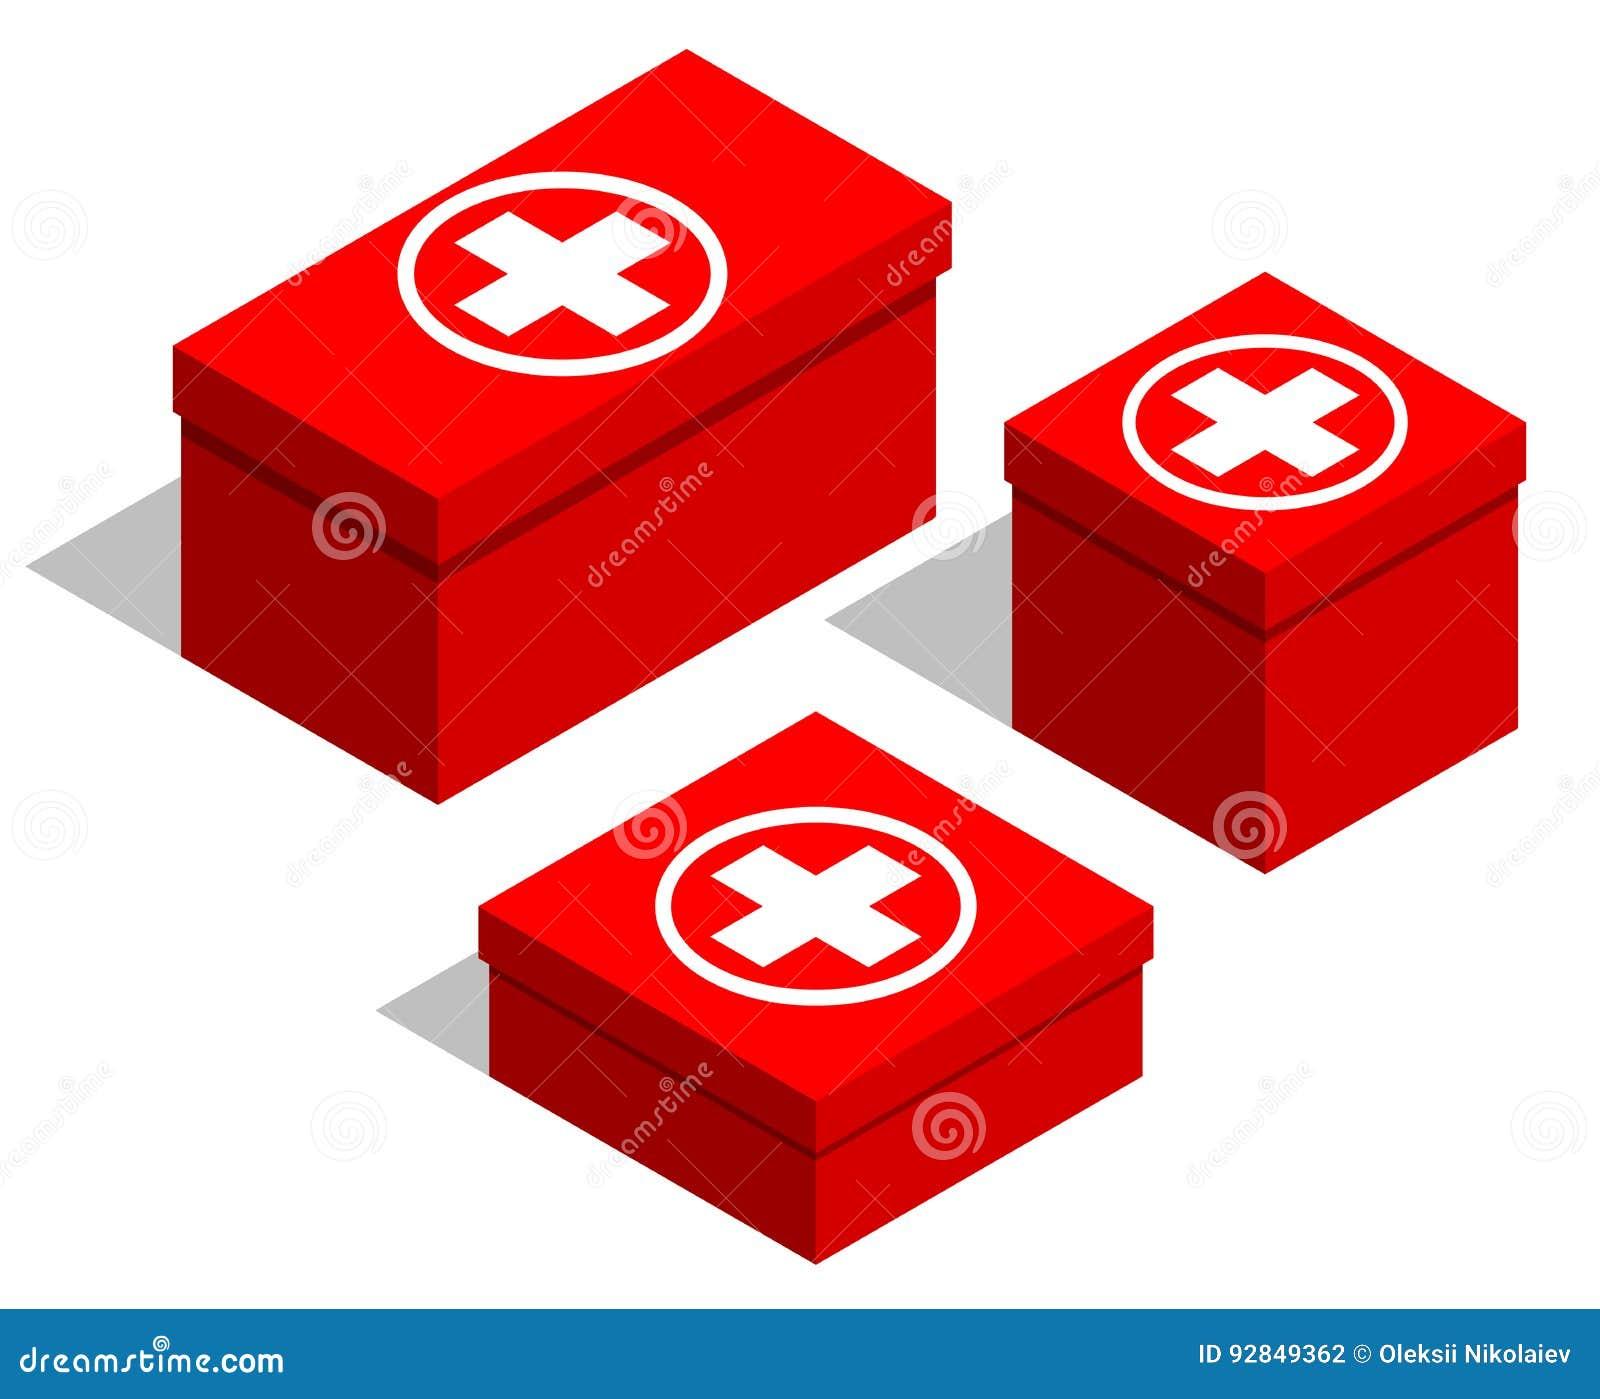 Kit de primeiros socorros médicos Grupo de caixas vermelhas com um símbolo médico na tampa Objetos isolados no fundo branco